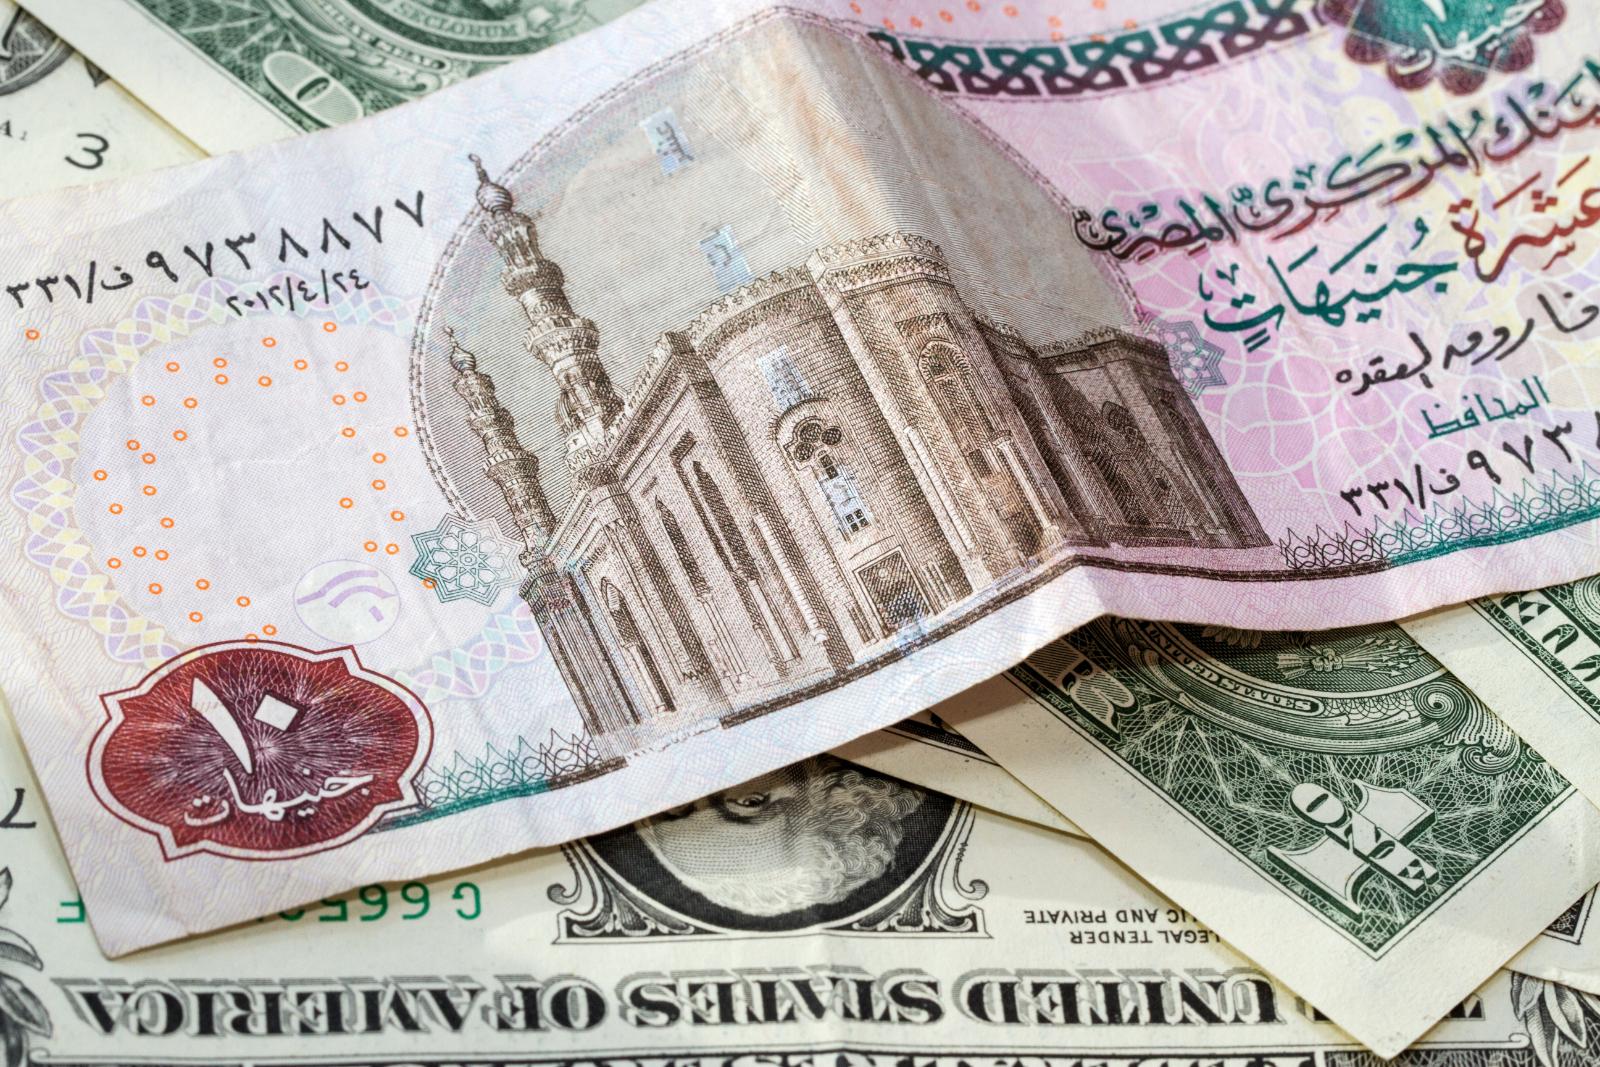 الايكونوميست-الجنيه-الاقتصاد المصري-النمو